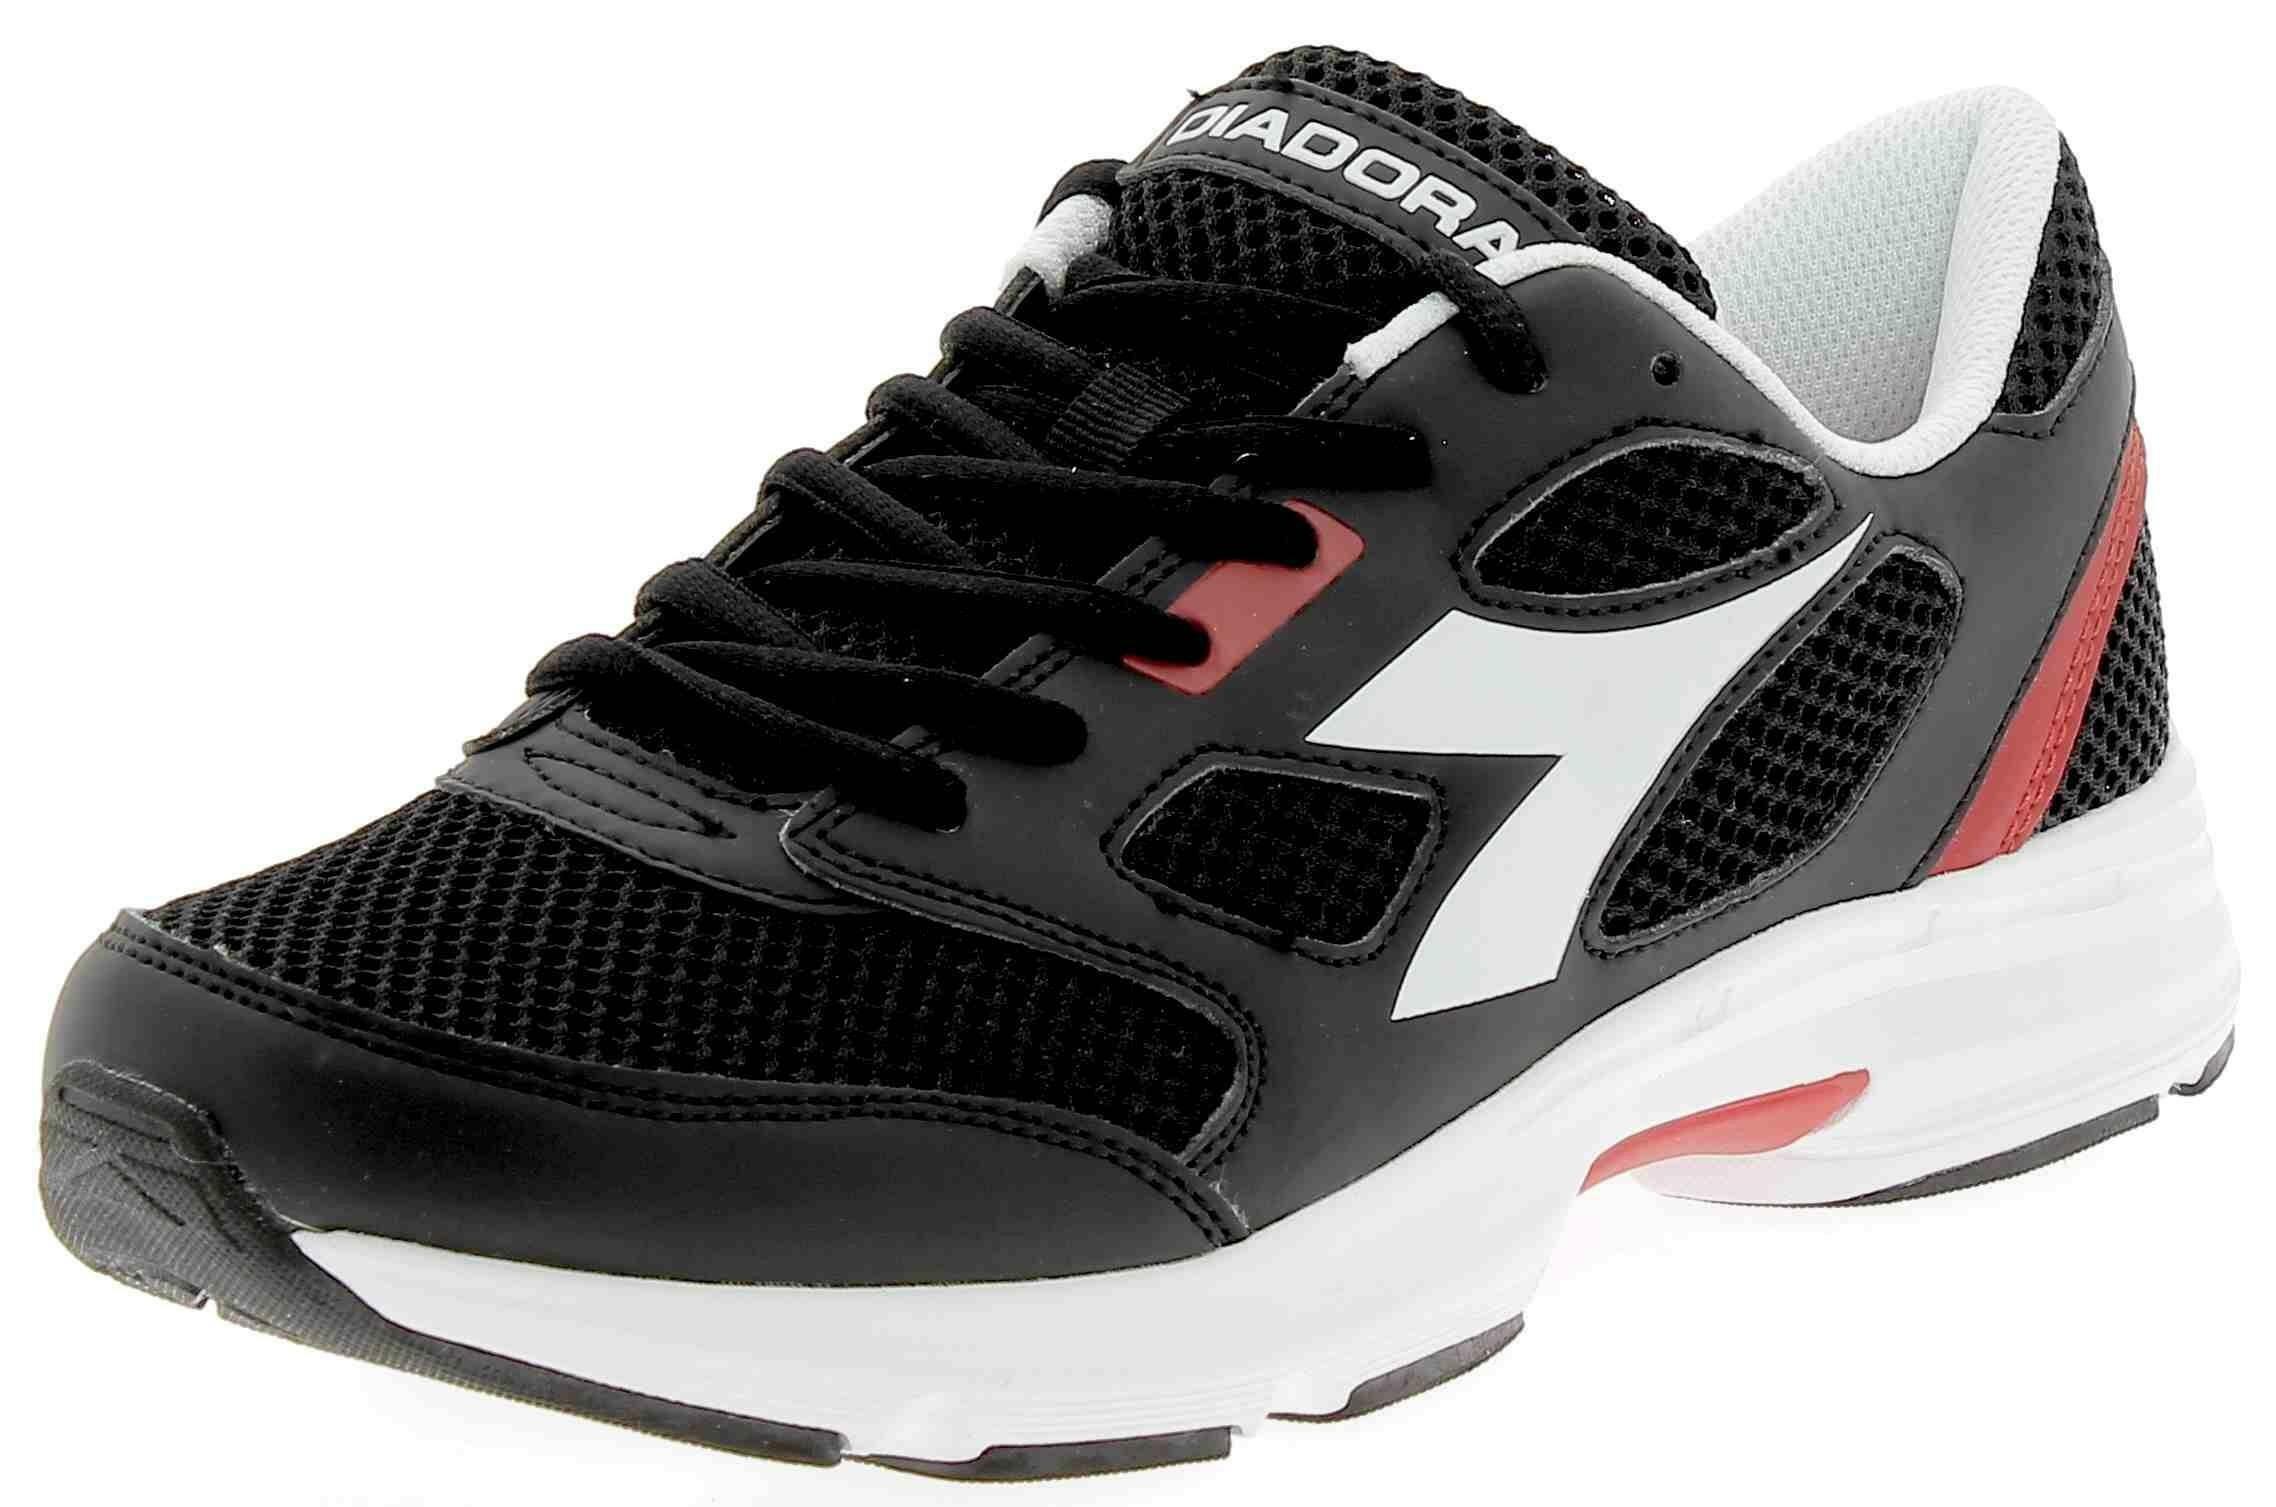 e1f83c45 Details about Diadora Shape 7 Mens Black Sports Shoes